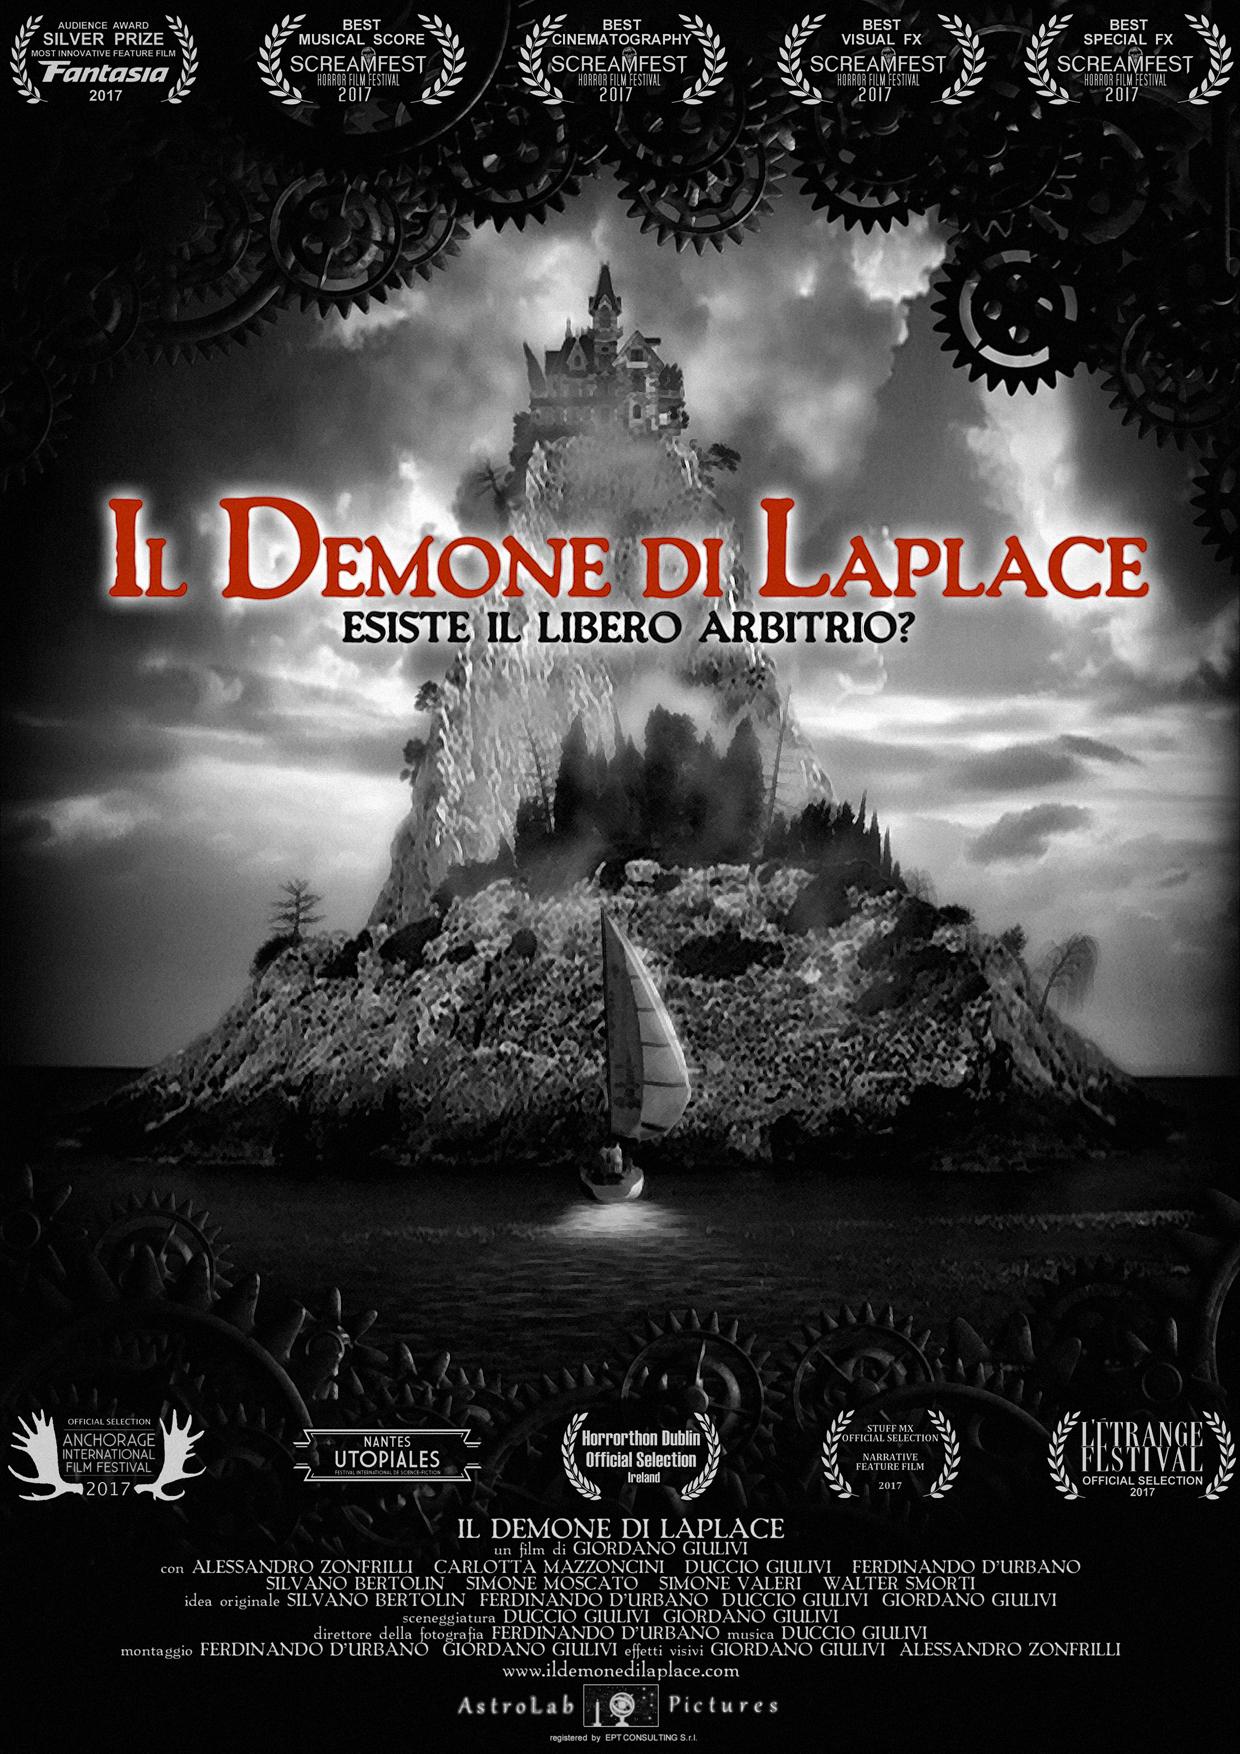 IL DEMONE DI LAPLACE - BLU RAY